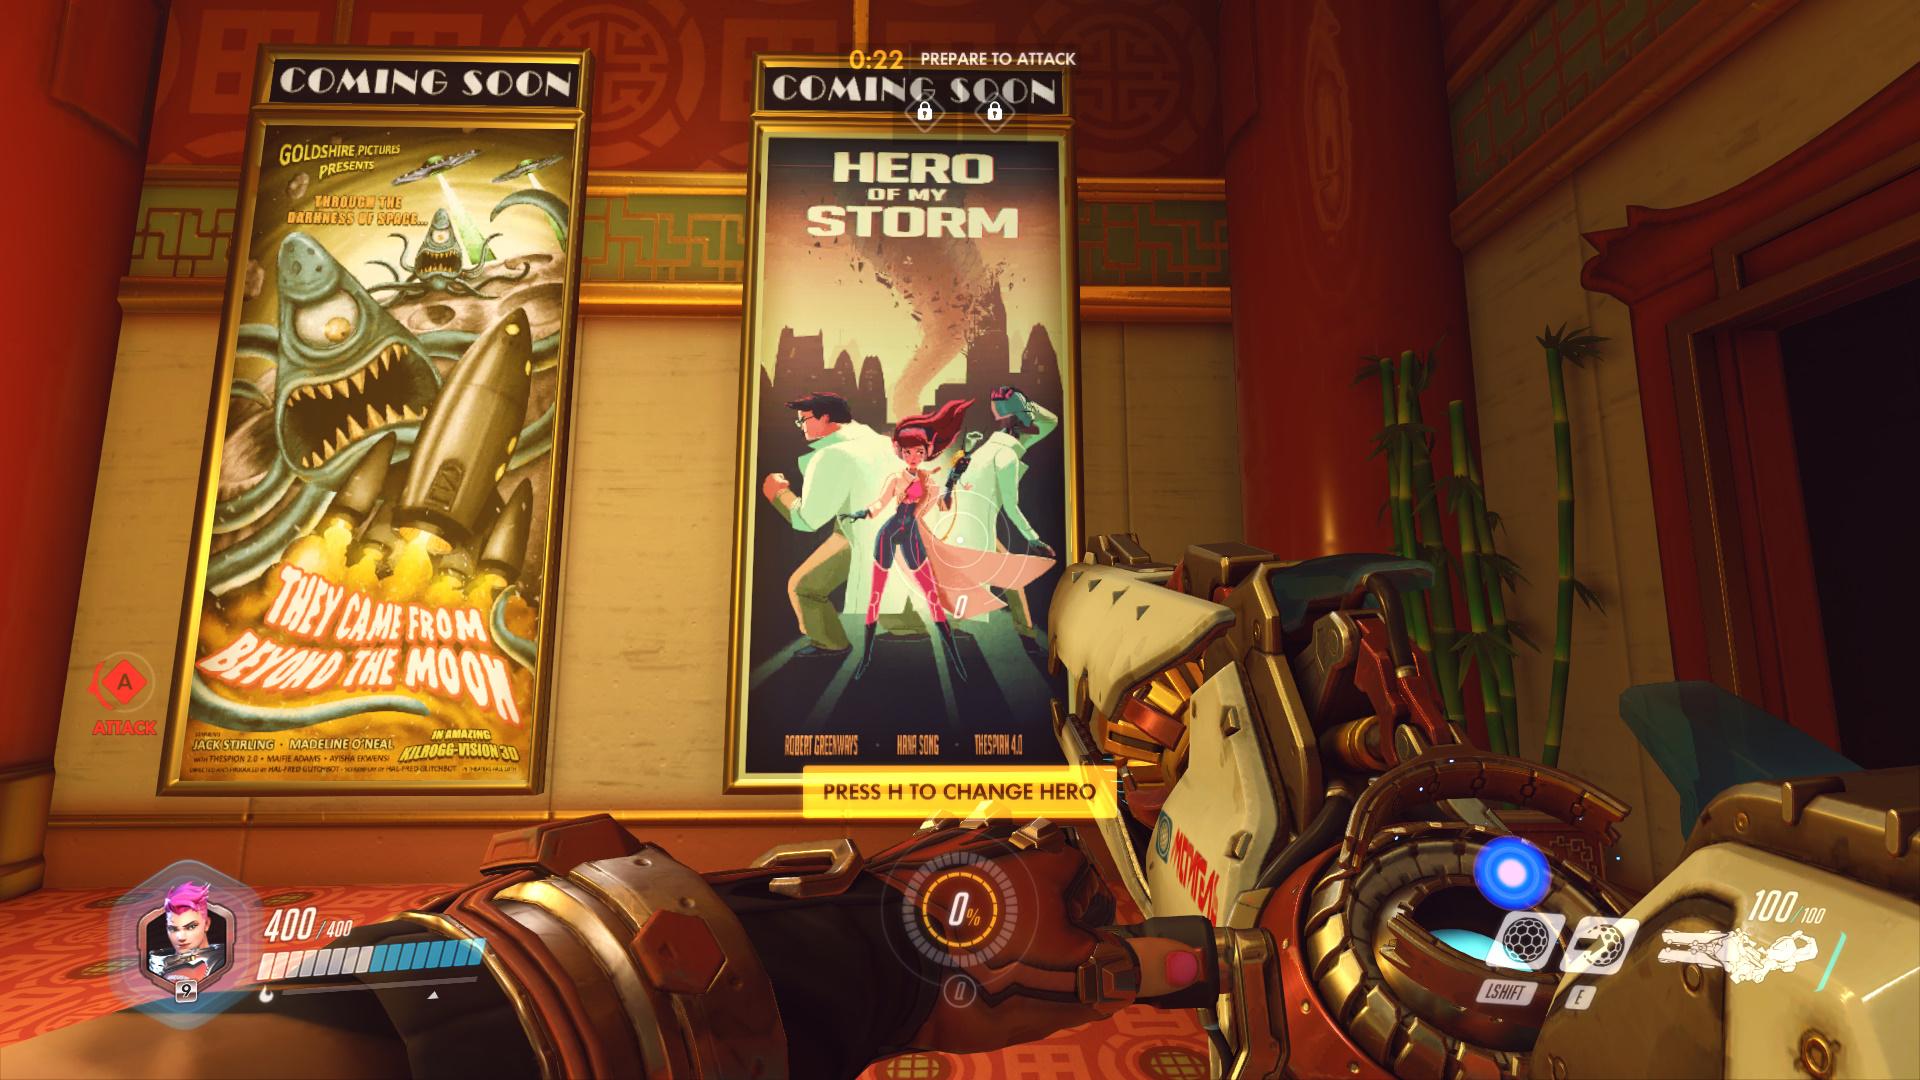 Overwatch Hero Of My Storm Movie Poster Screenshot DVA hana Song